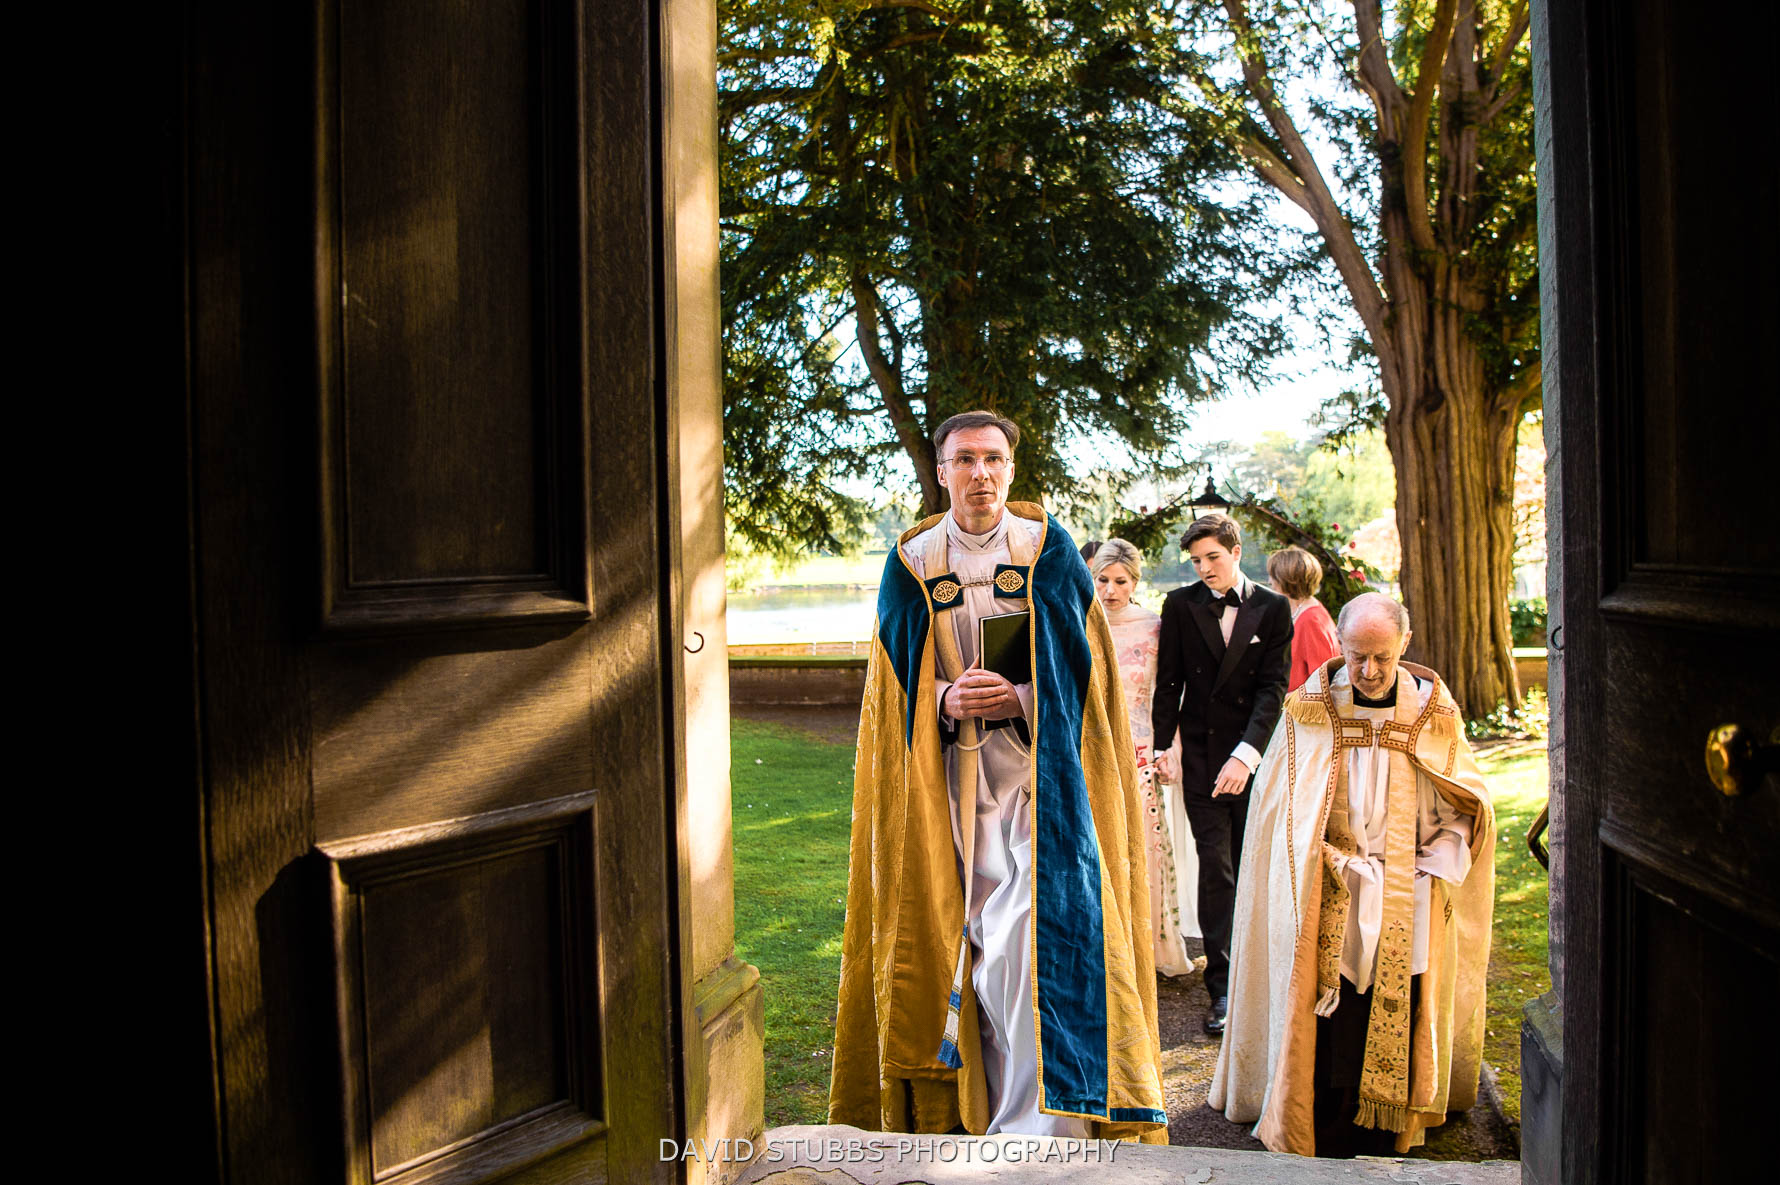 vicars in the chapen doorway